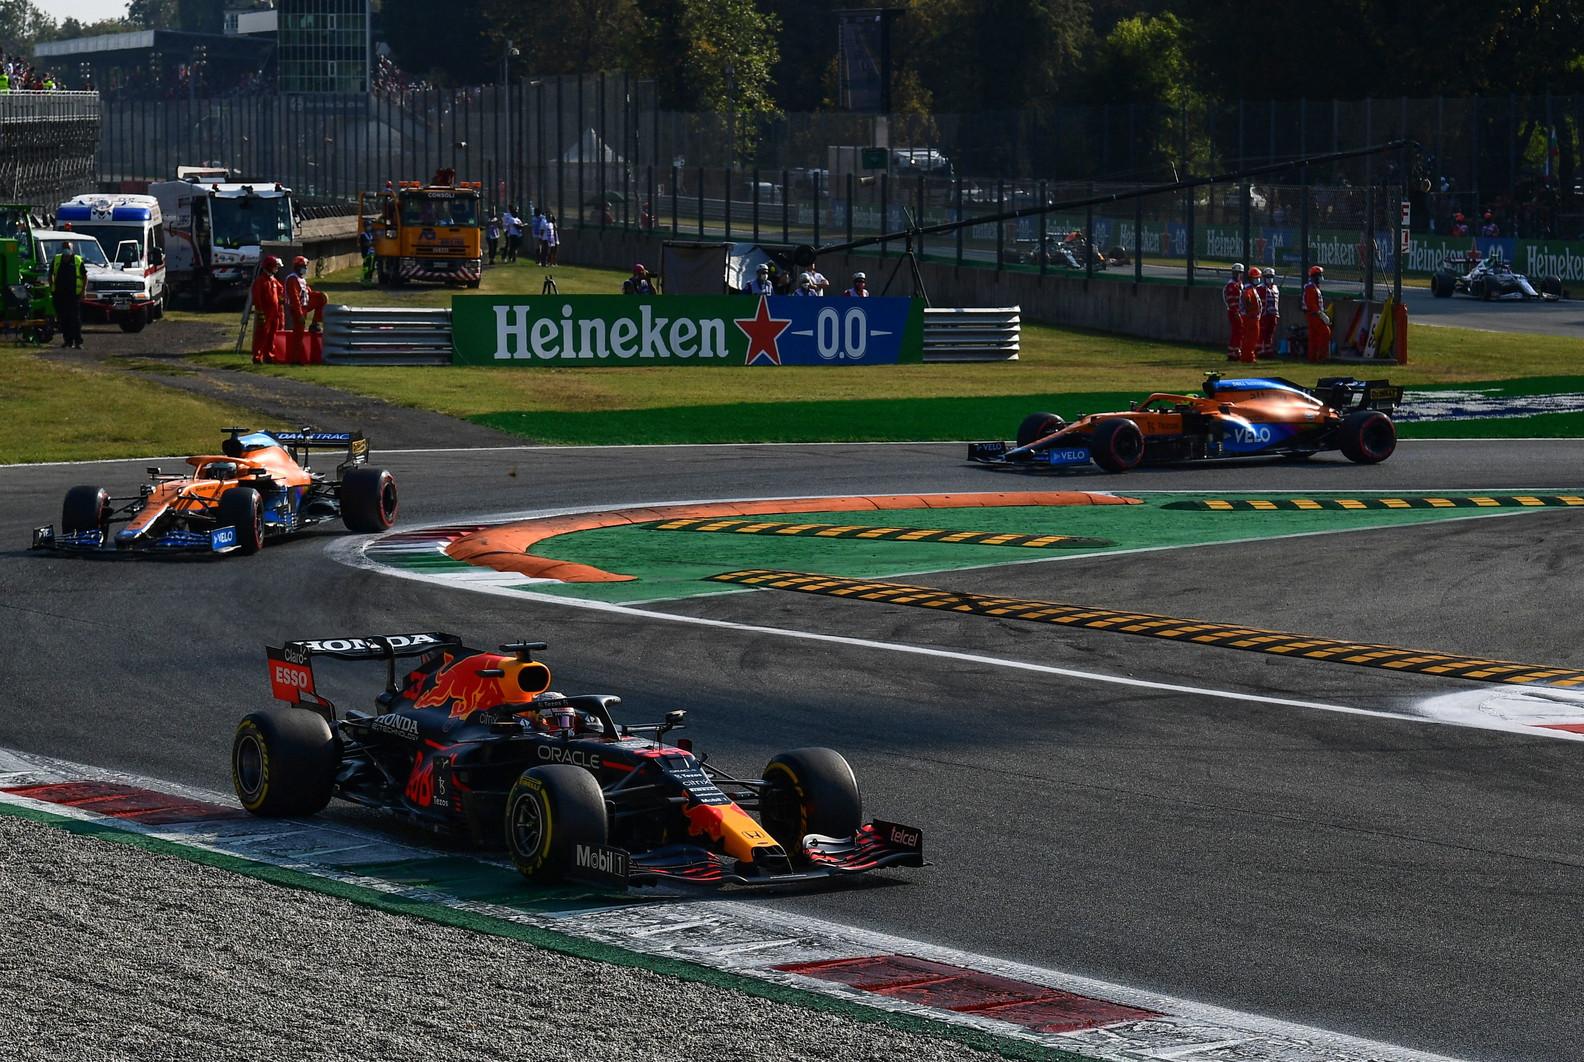 Marcell Jacobs ha premiato i primi tre classificati della Sprint Race di F1 a Monza. Sul &quot;podio&quot; delle qualifiche, Bottas, Verstappen e Ricciardo.<br /><br />